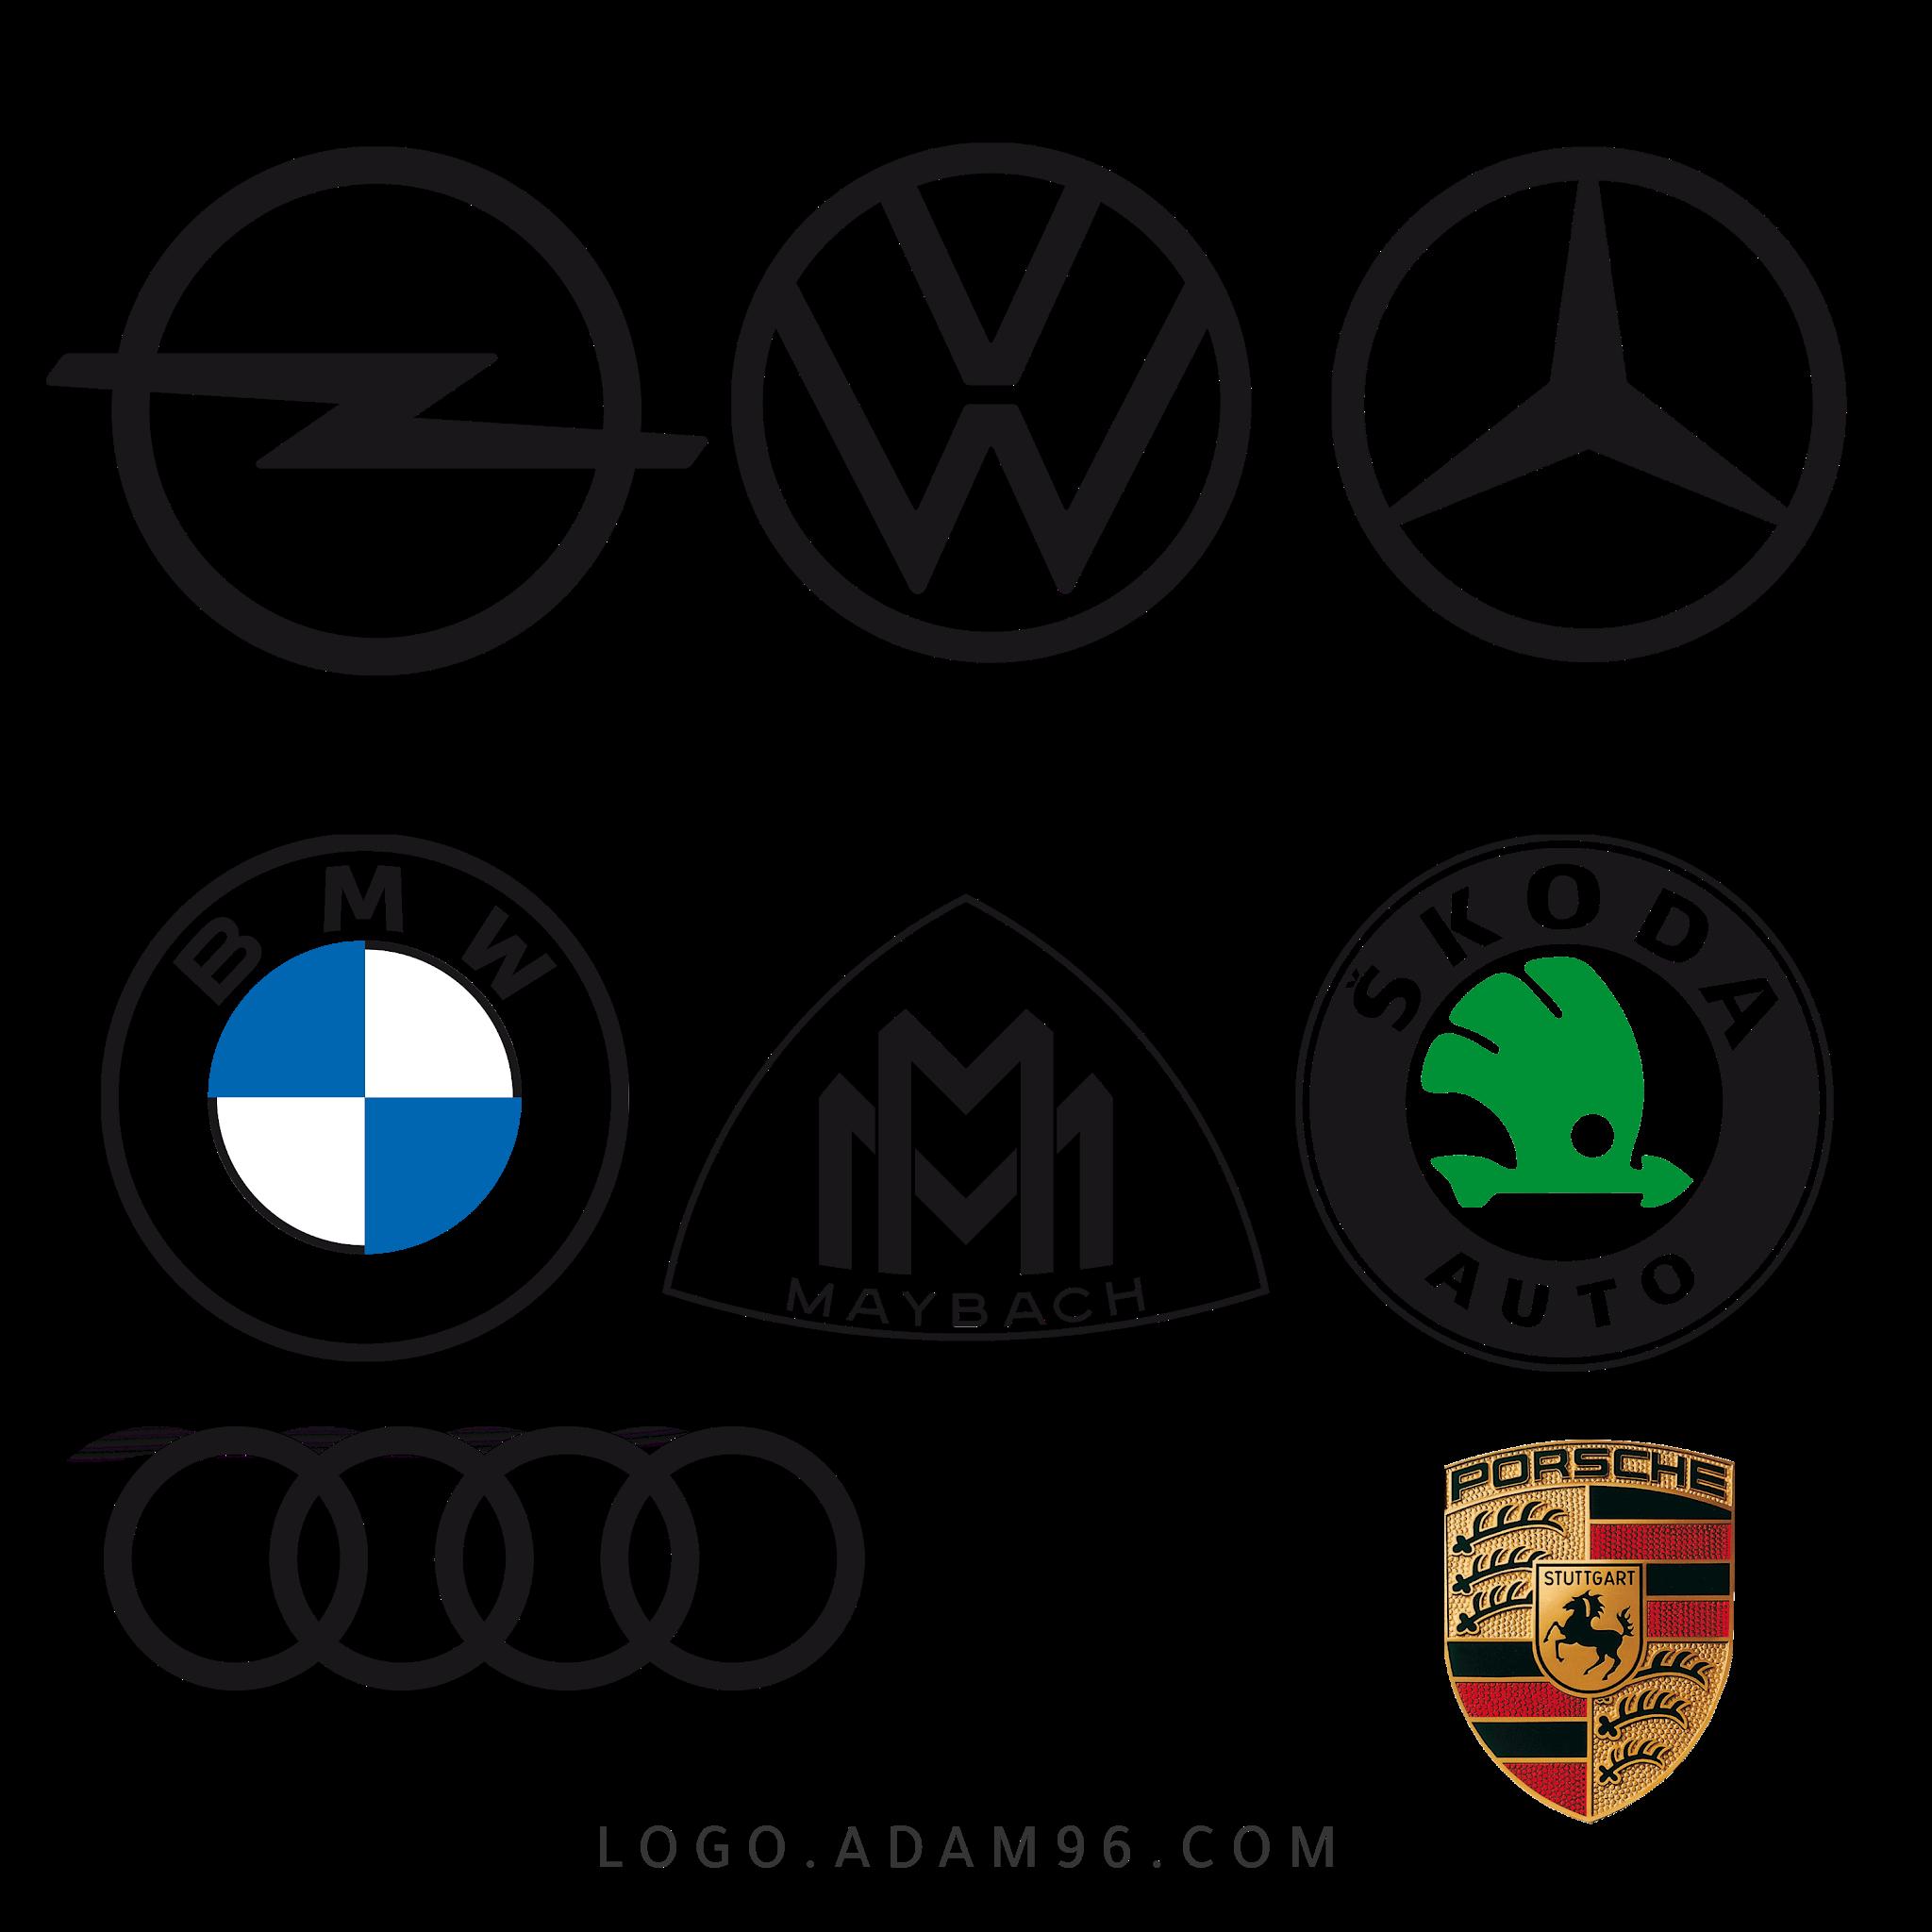 تحميل شعارات شركات سيارات الالمانية لوجو شركات سيارات بصيغة PNG